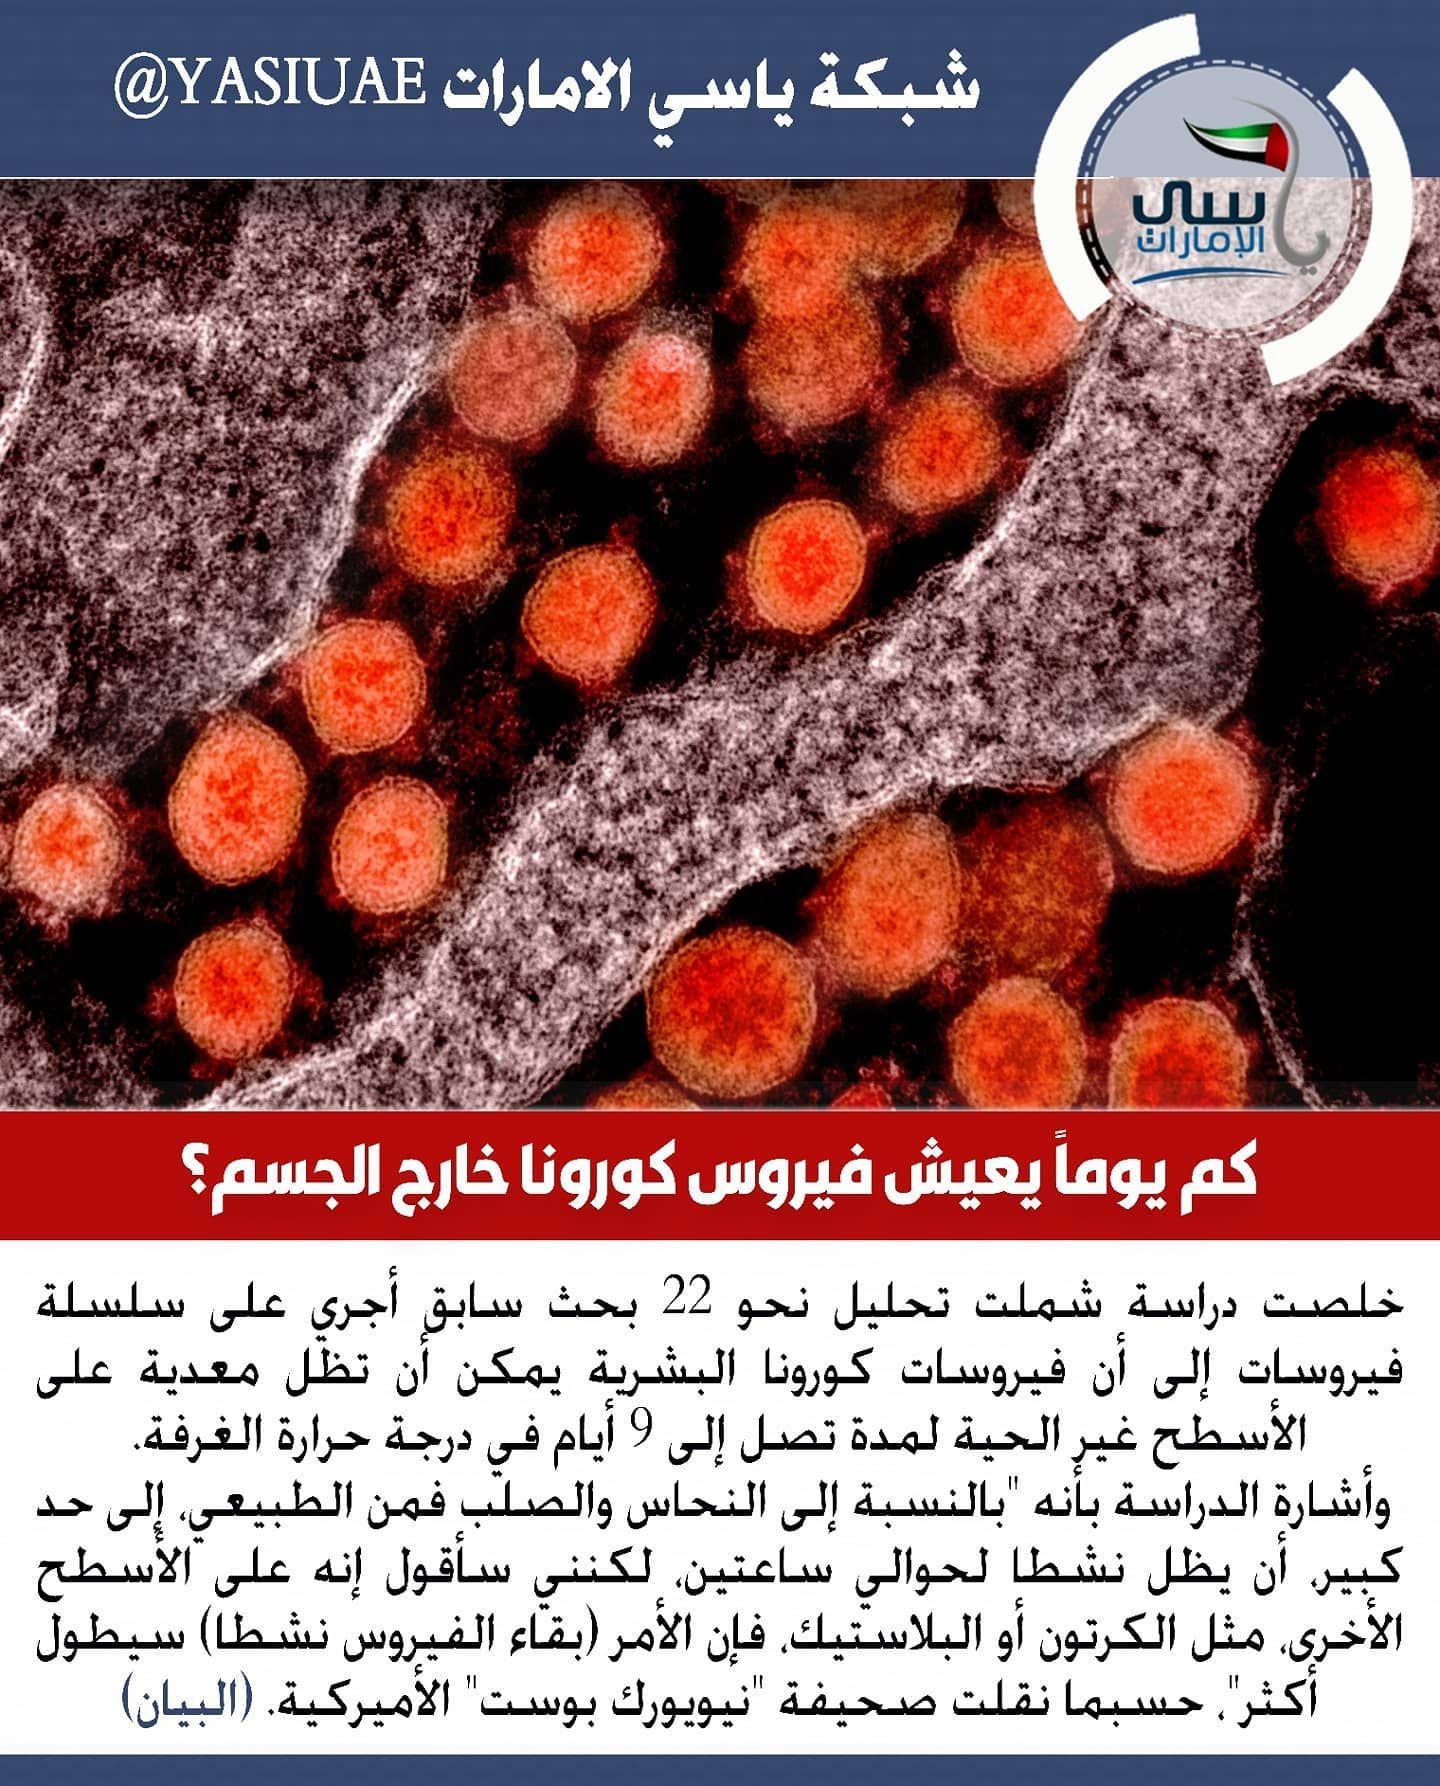 ياسي الامارات كم يوما يعيش فيروس كورونا خارج الجسم شبكة ياسي الامارات شبكة ياسي الامارات الاخباري ابوظبي دبي عجمان الشارقة الفجيرة راس الخيمة الك